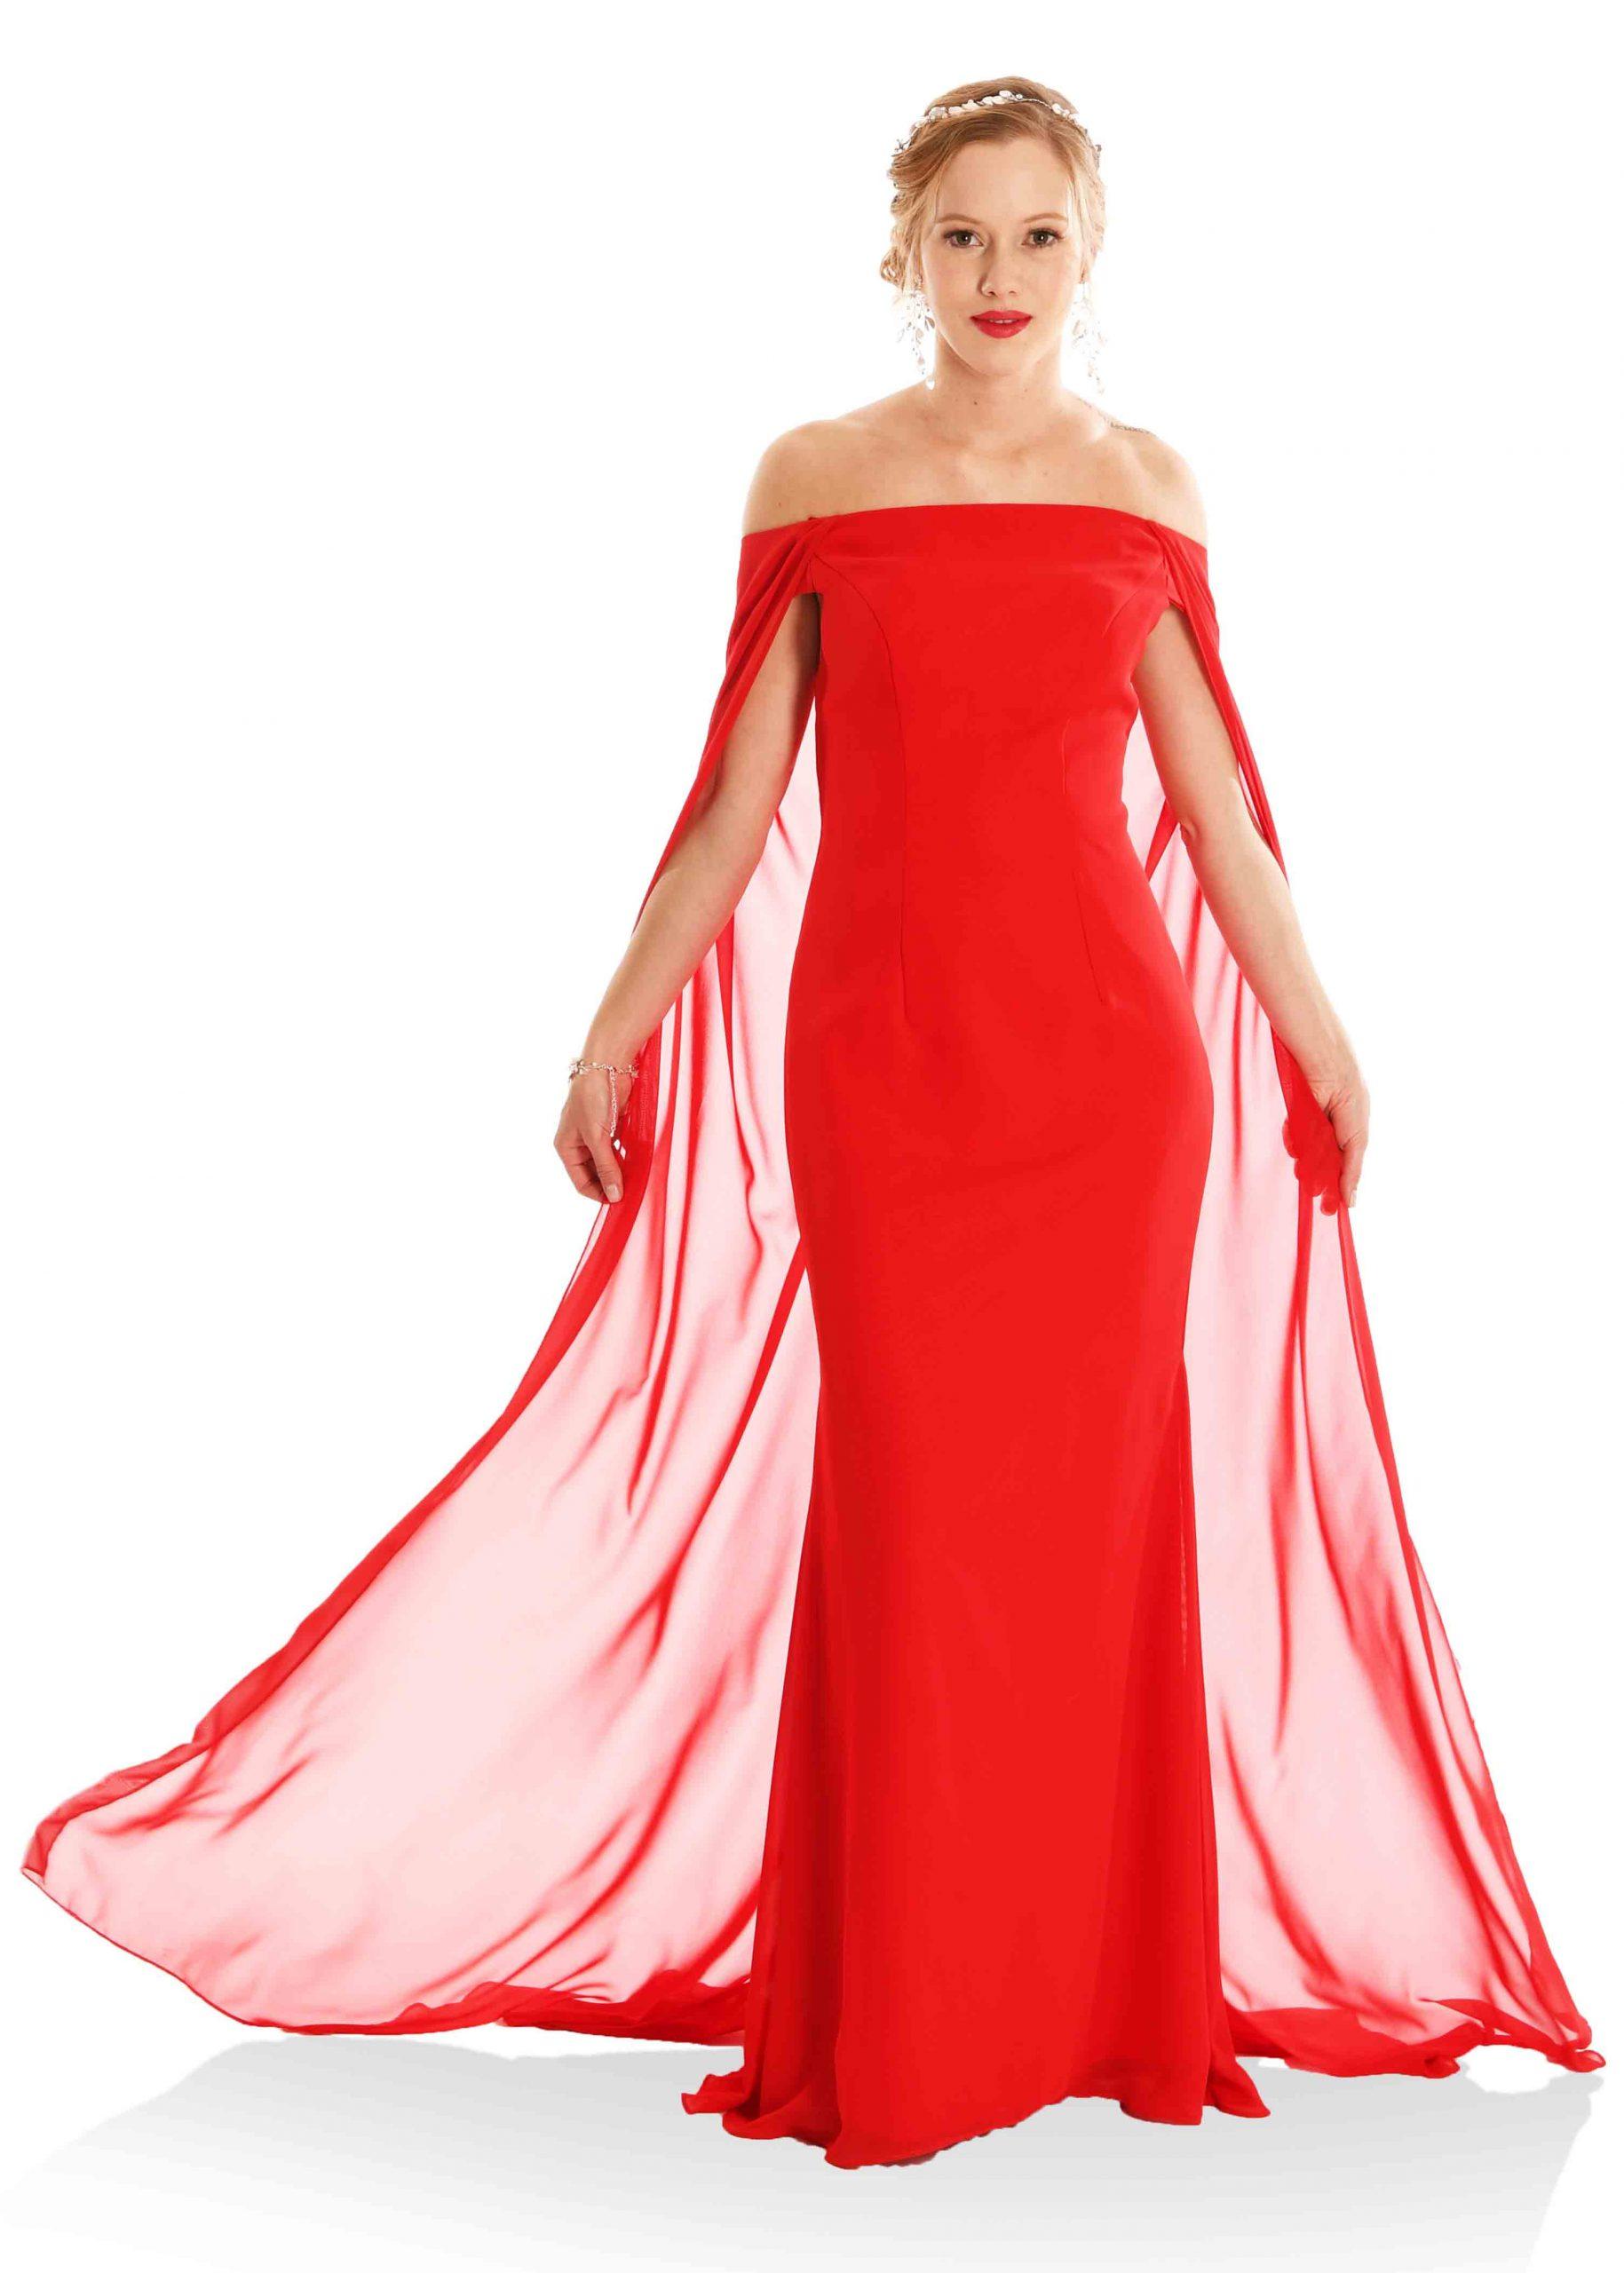 15 Wunderbar Festliche Abendbekleidung für 2019Formal Fantastisch Festliche Abendbekleidung Bester Preis